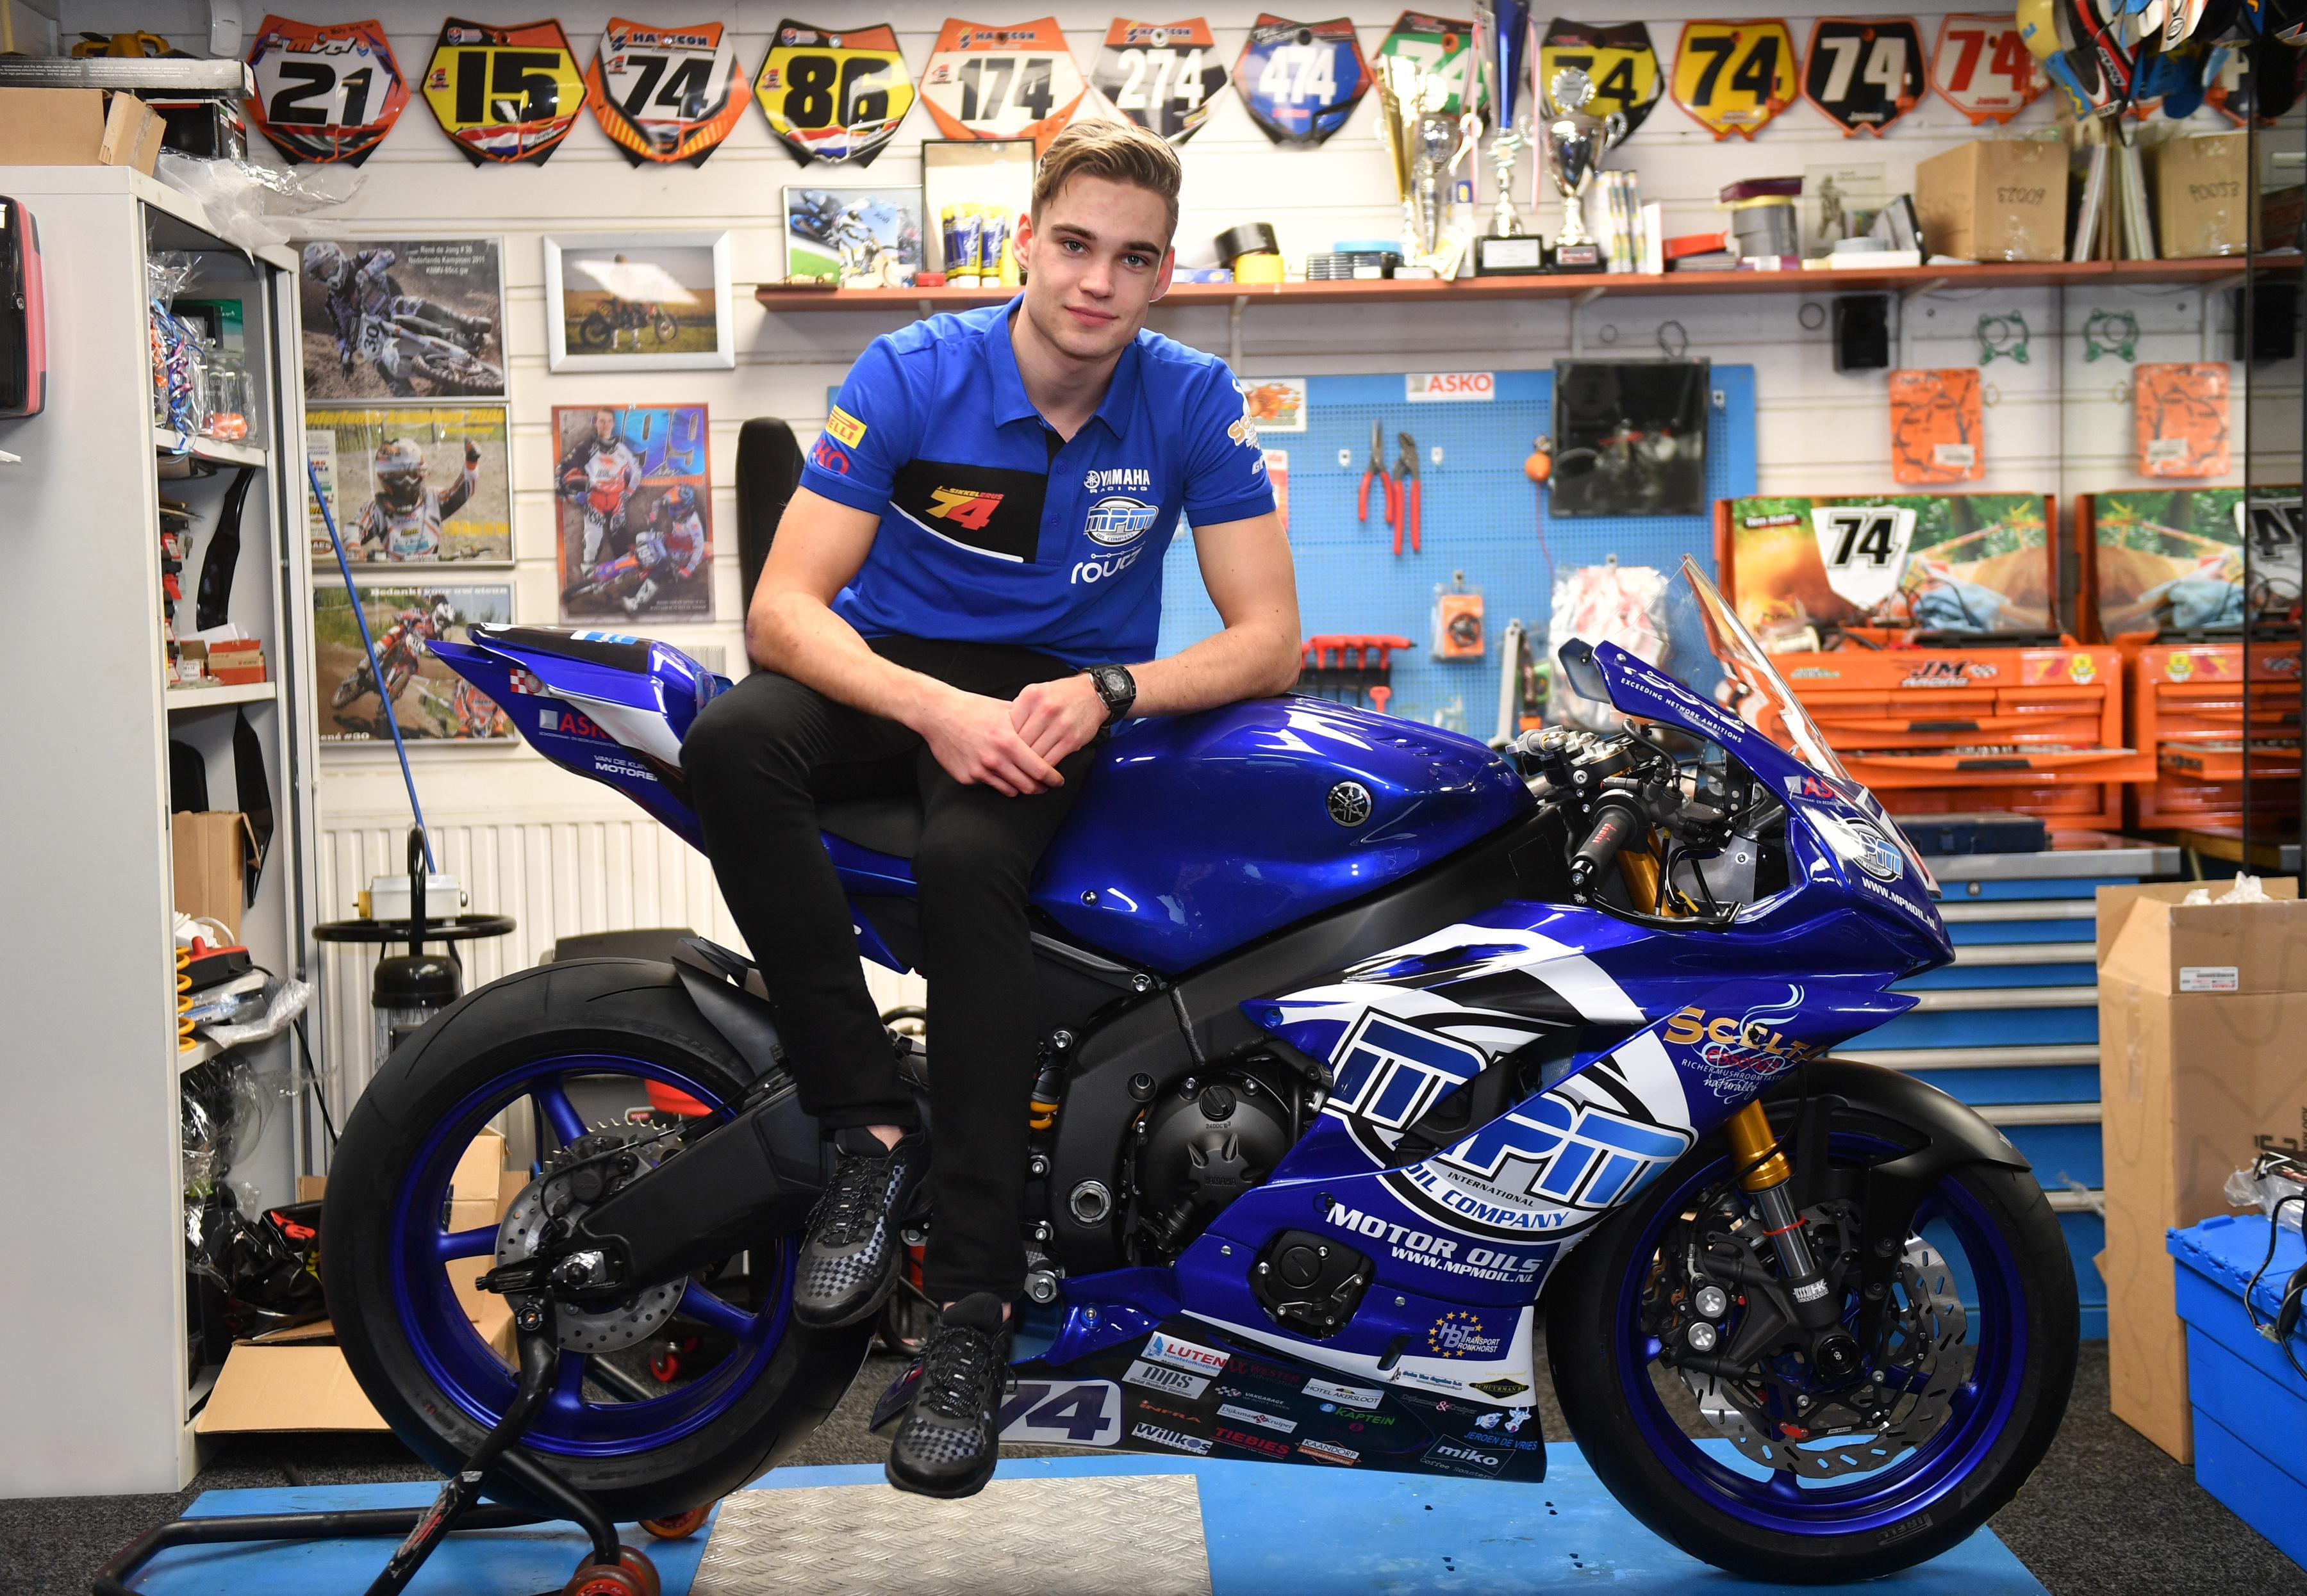 Dubbele beenbreuk Akerslootse motorcoureur Jamie van Sikkelerus bij val tijdens 'gezellige' training